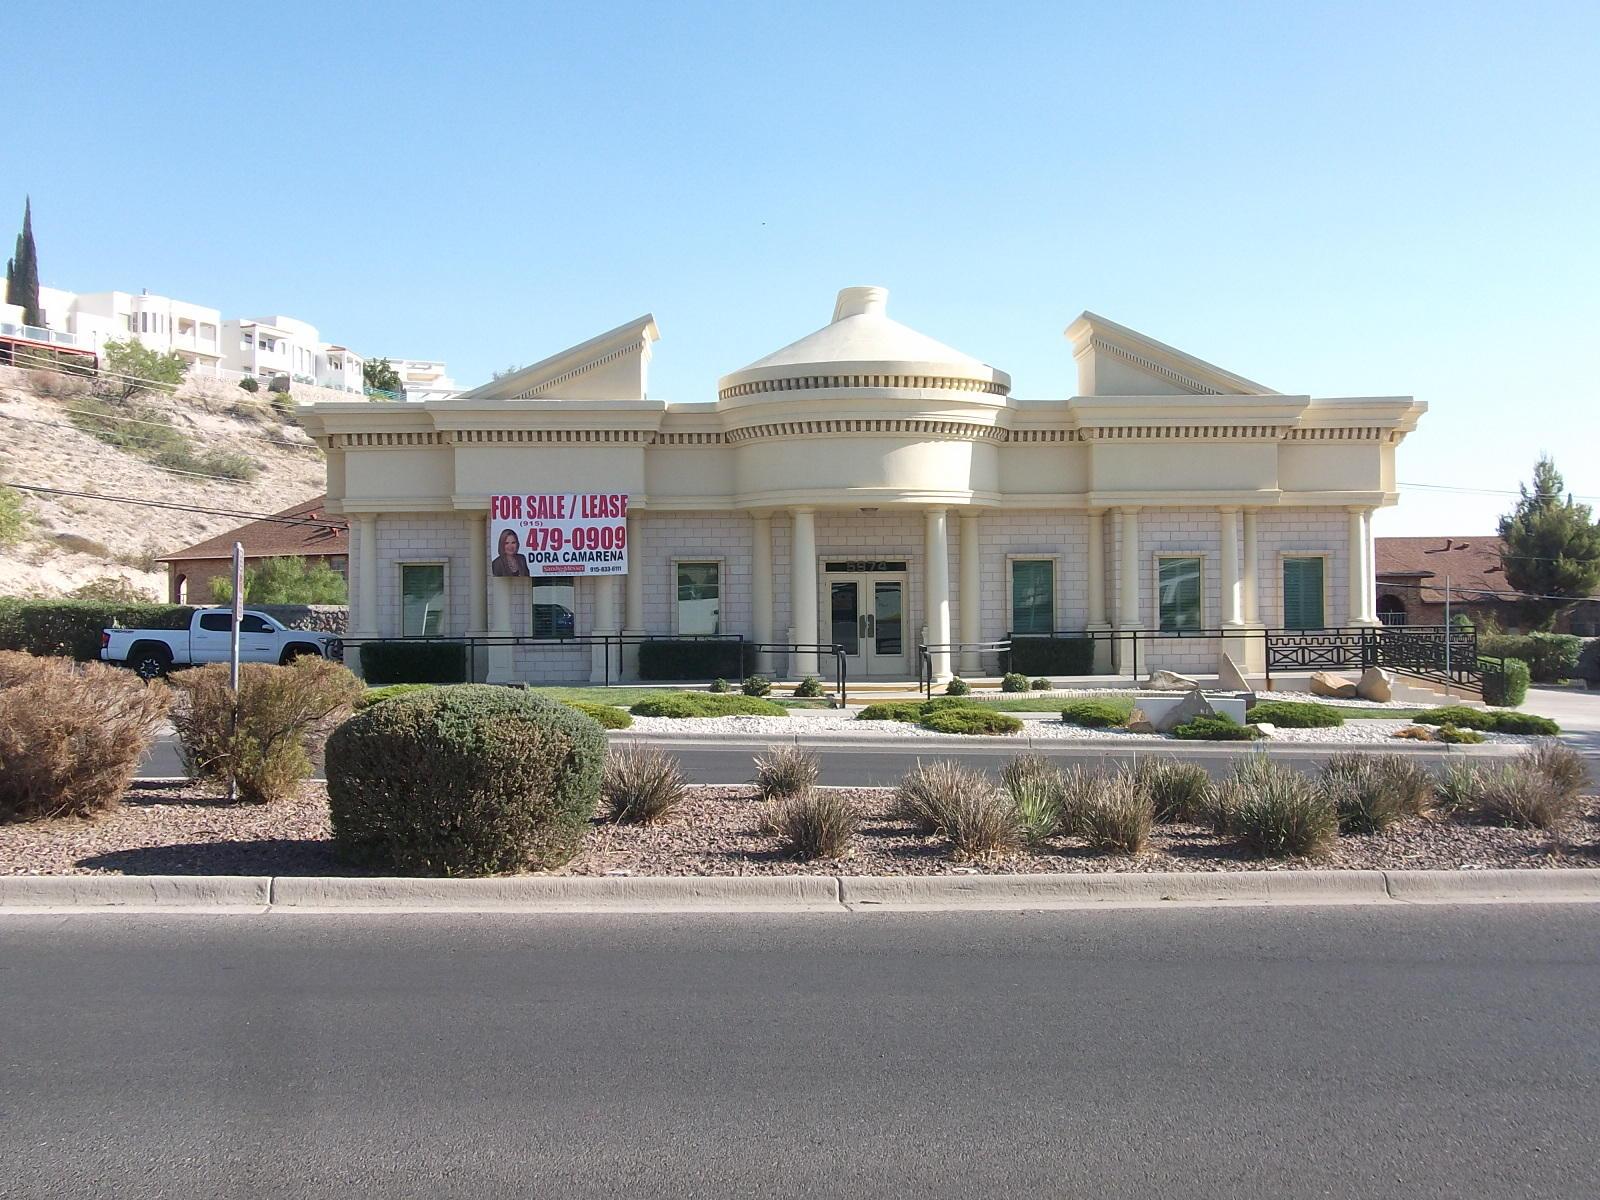 5974 SILVER SPRINGS, El Paso, Texas 79912, ,Commercial,For sale,SILVER SPRINGS,835361